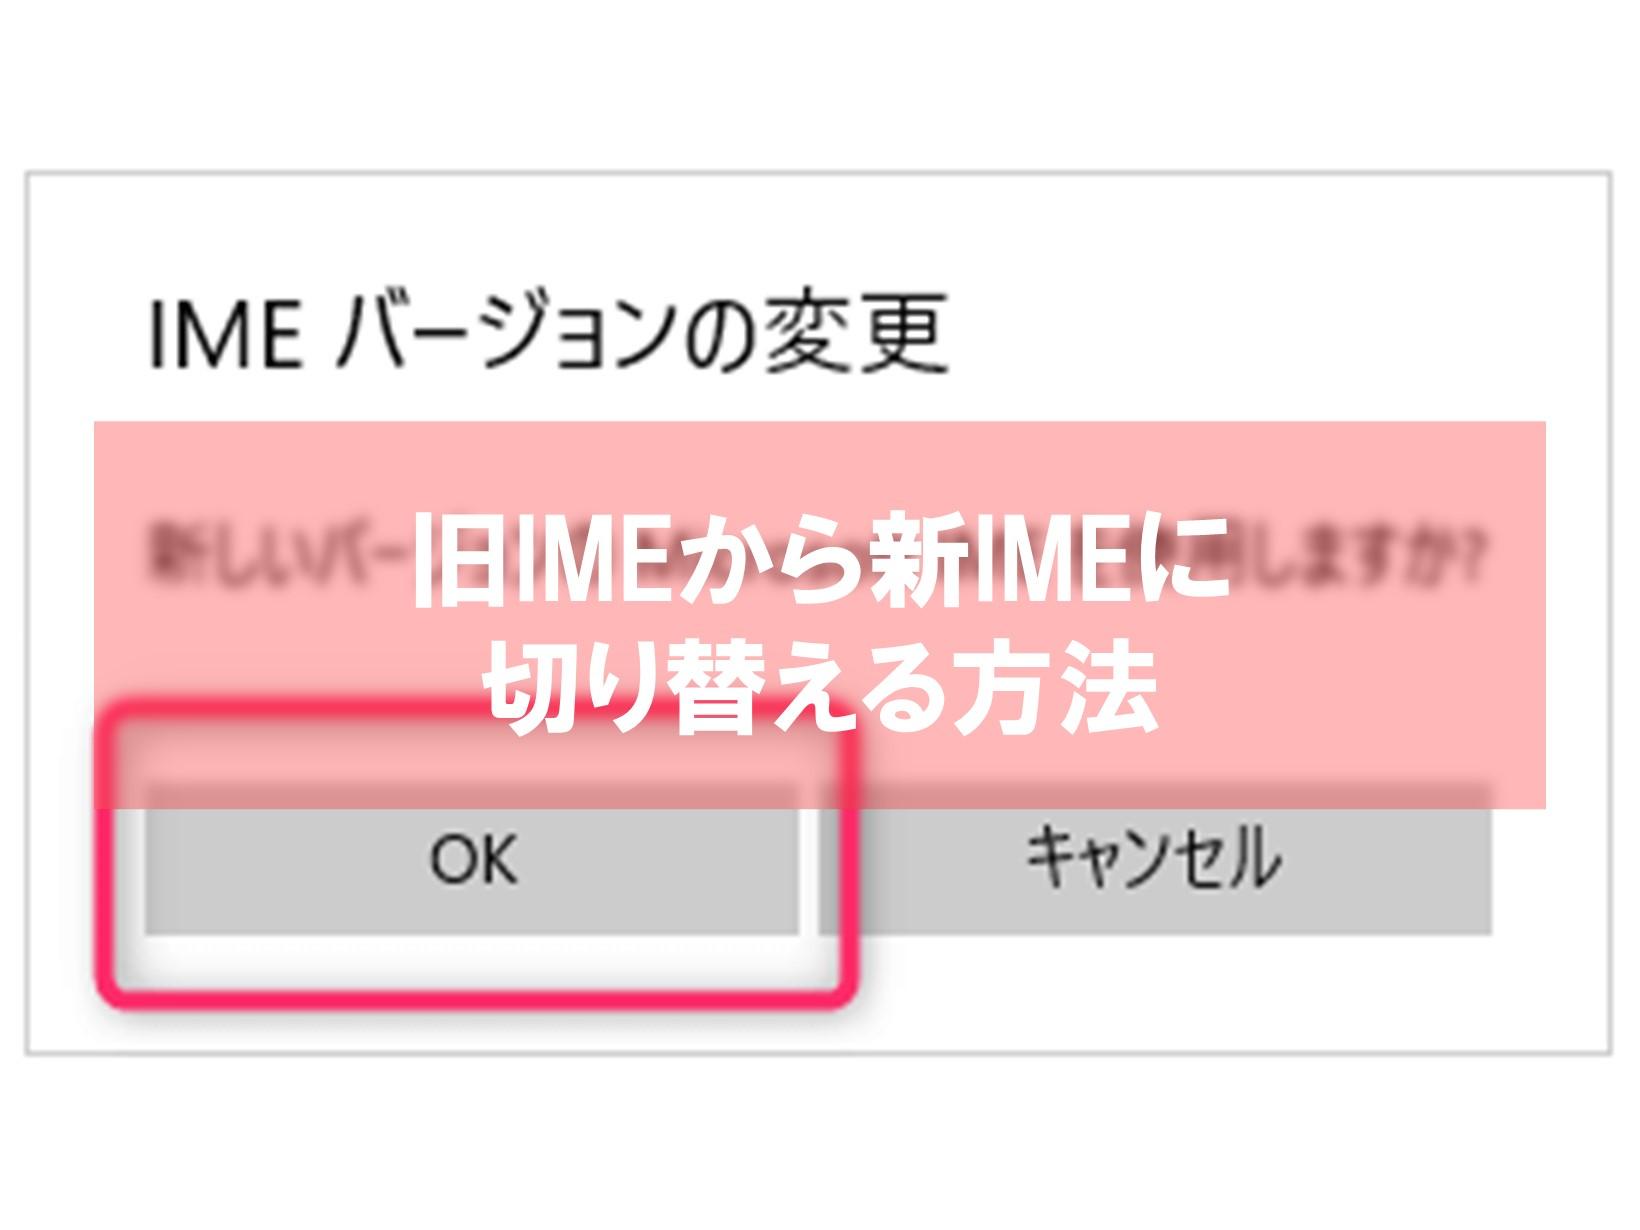 旧IMEから新IMEに切り替える方法【Windows 10】